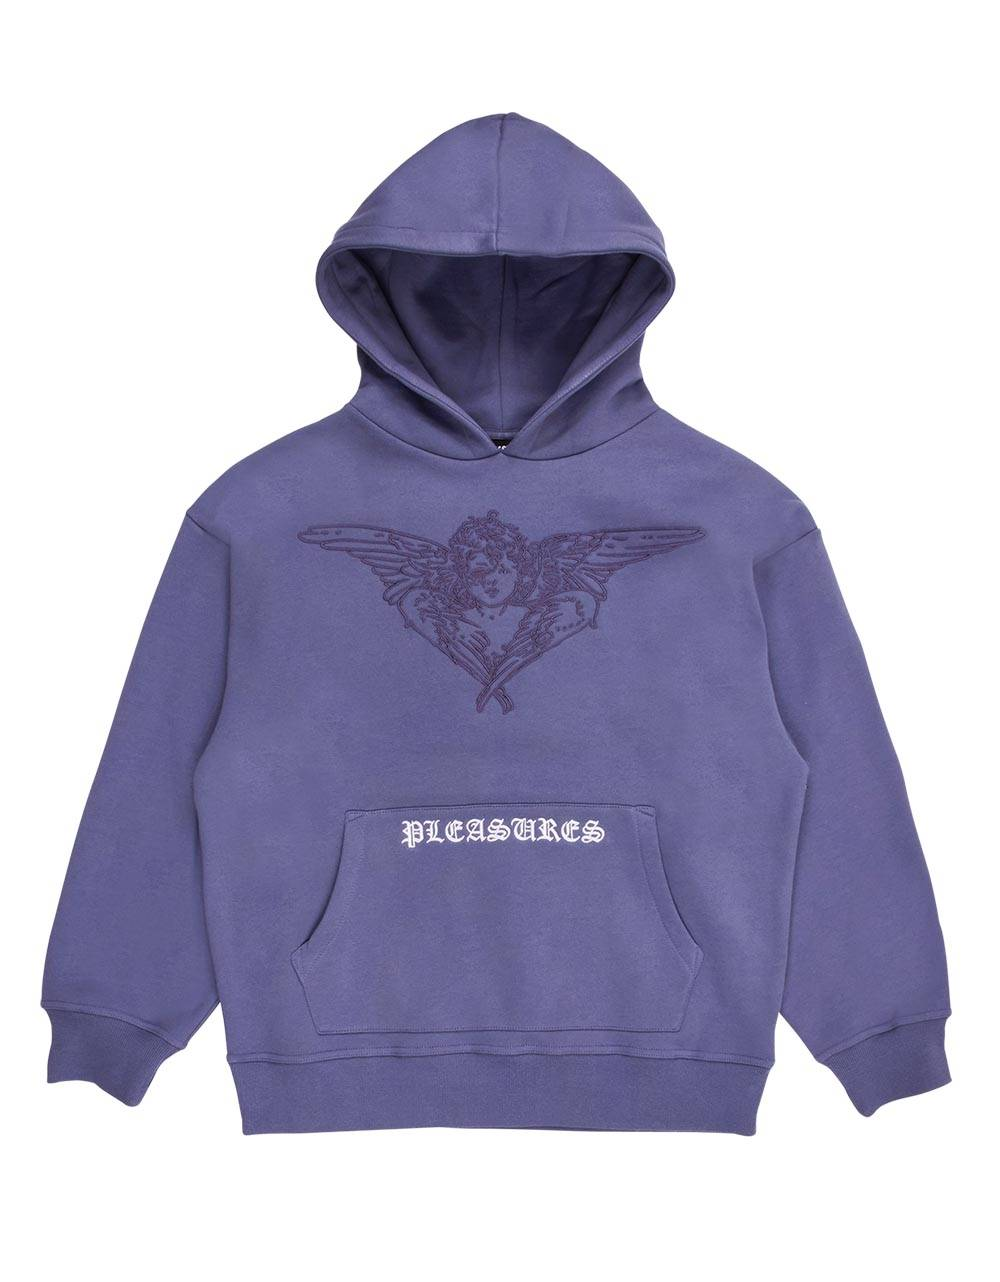 Pleasures Angel hoodie - purple Pleasures Sweater 118,85€